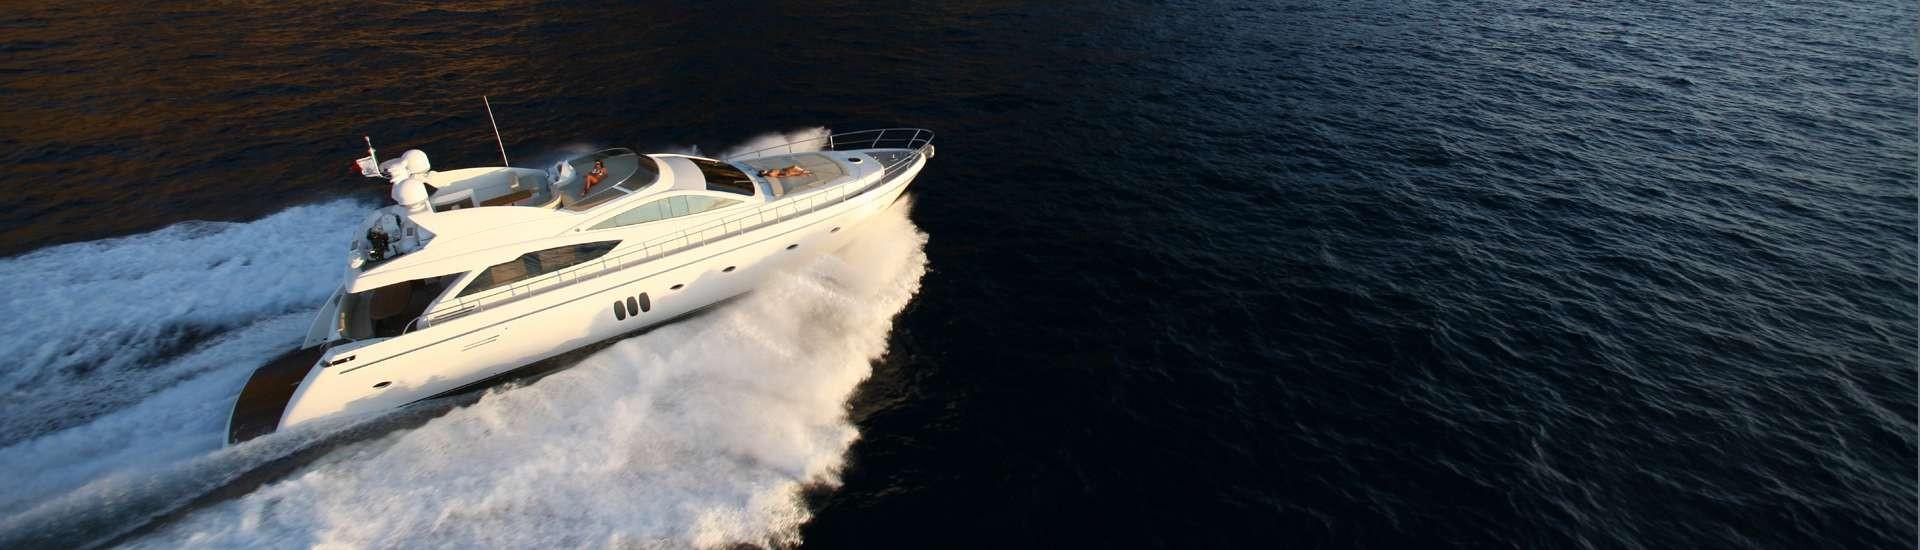 Croatia Motor Yacht